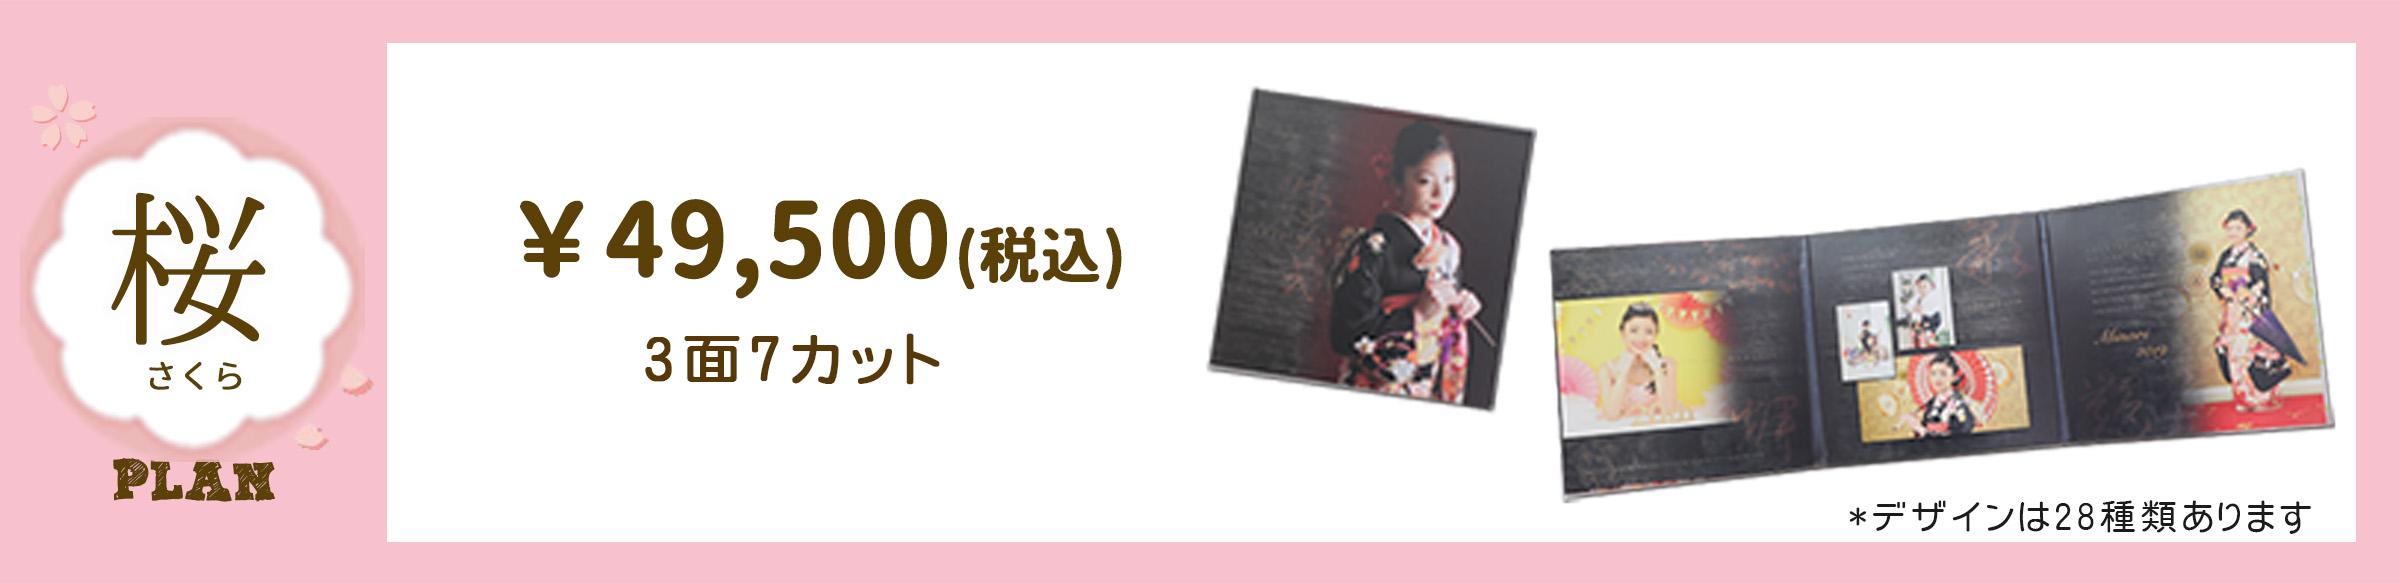 桜 49,500円 3面7カット デザインは28種類です。